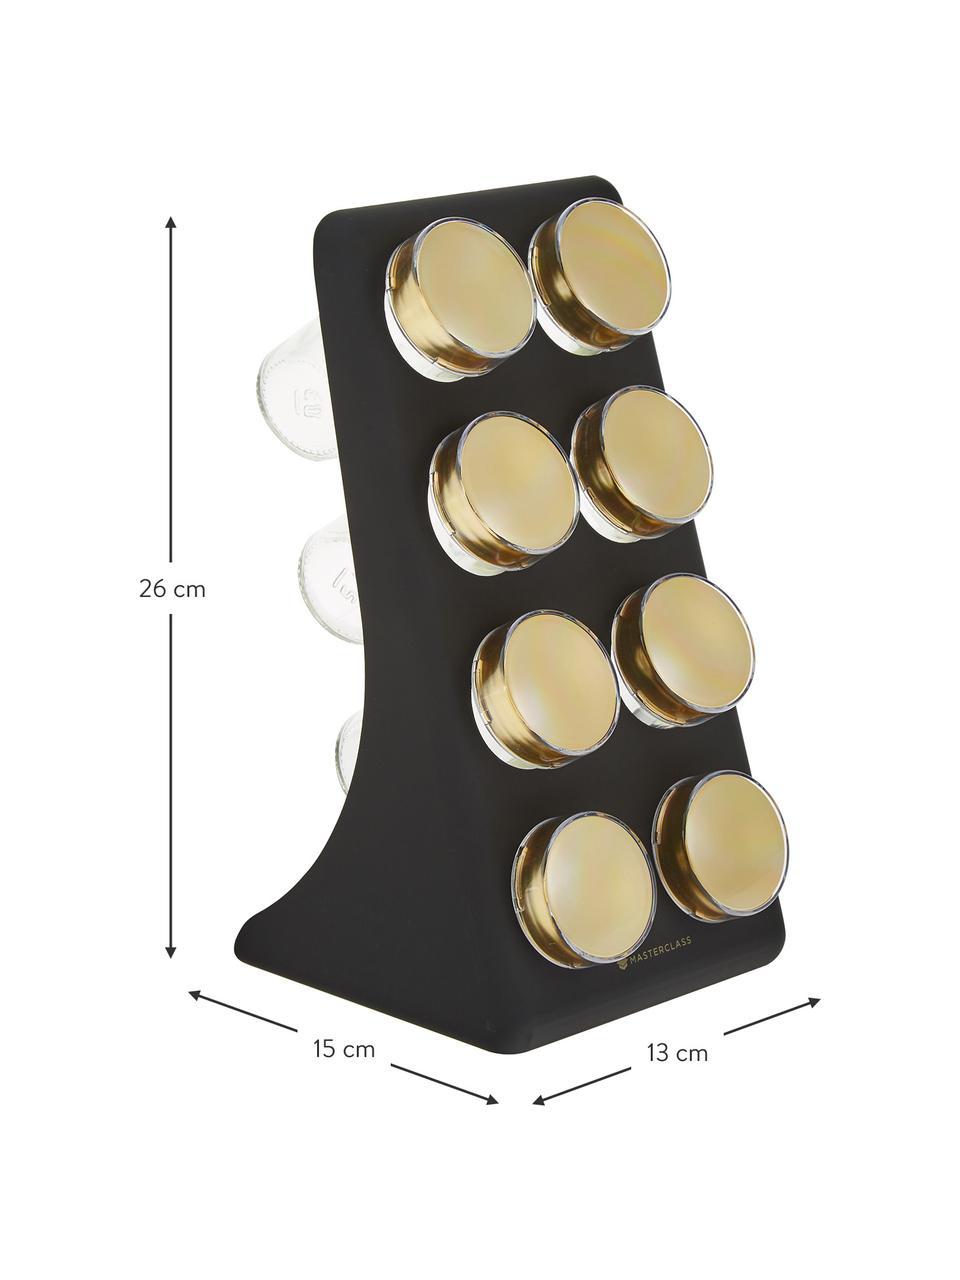 Stojak na przyprawy Master Class, 9 elem., Czarny, odcienie mosiądzu, S 13 x W 26 cm